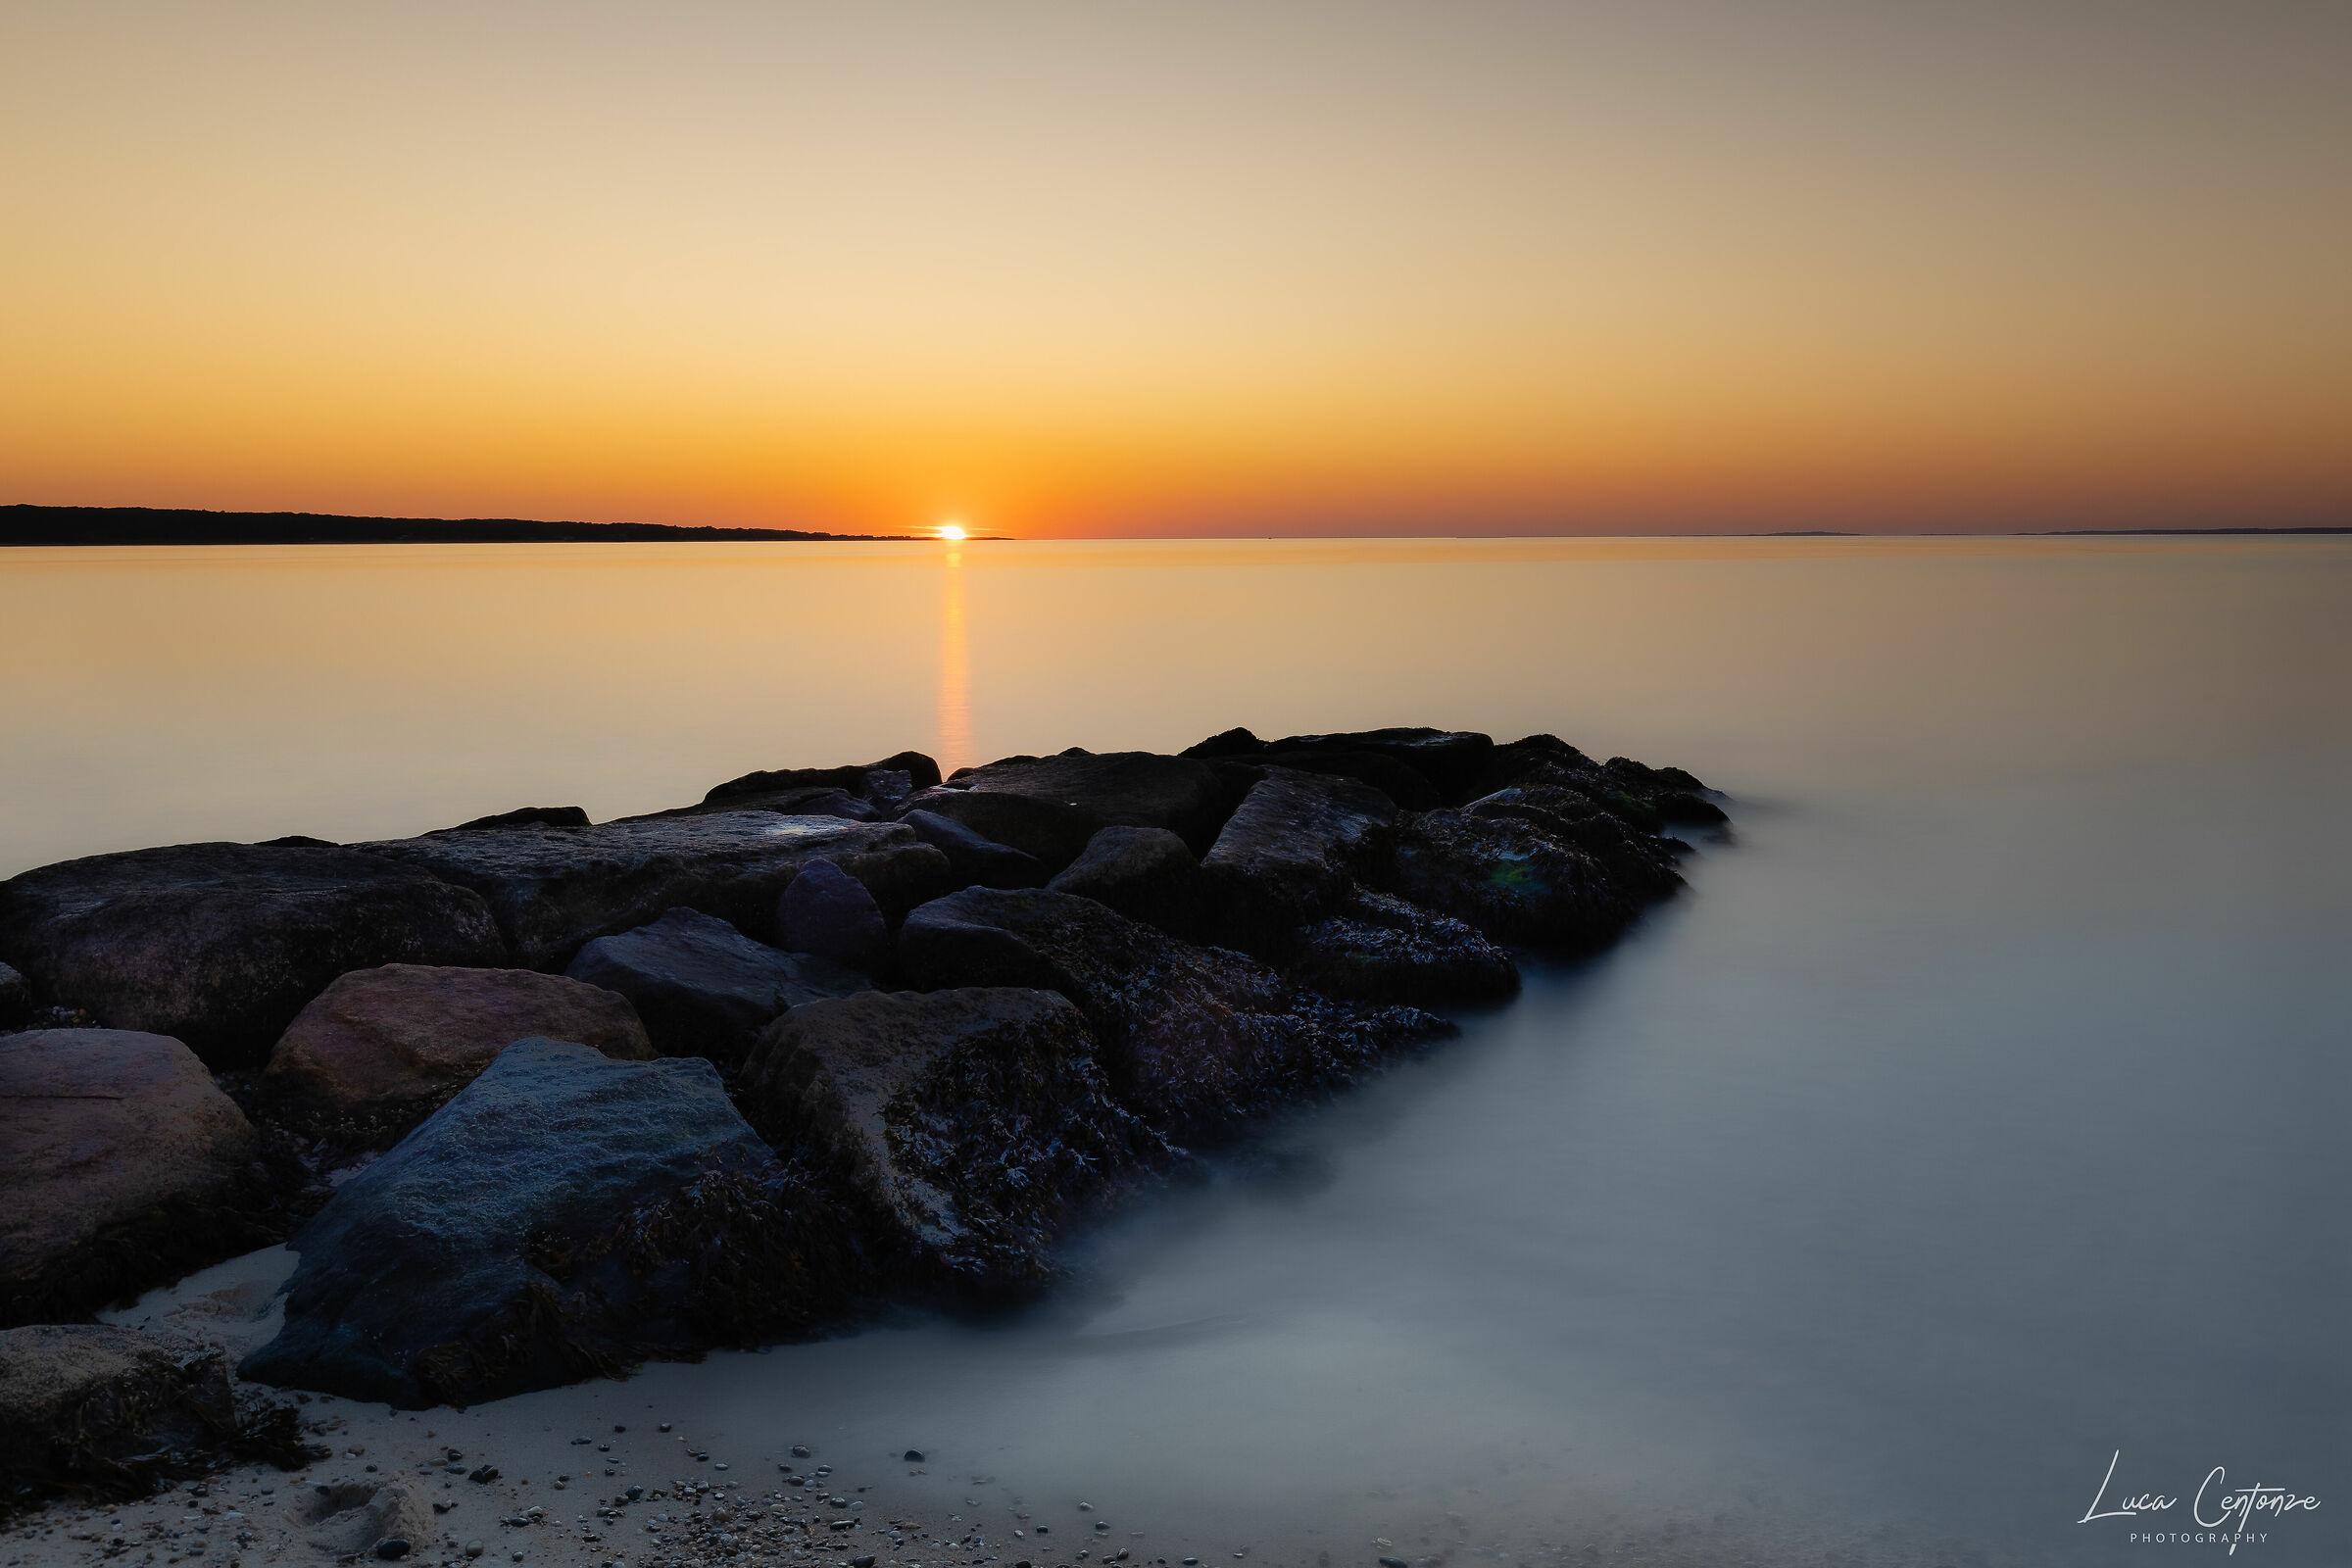 Sunset at the Menemsha Beach...